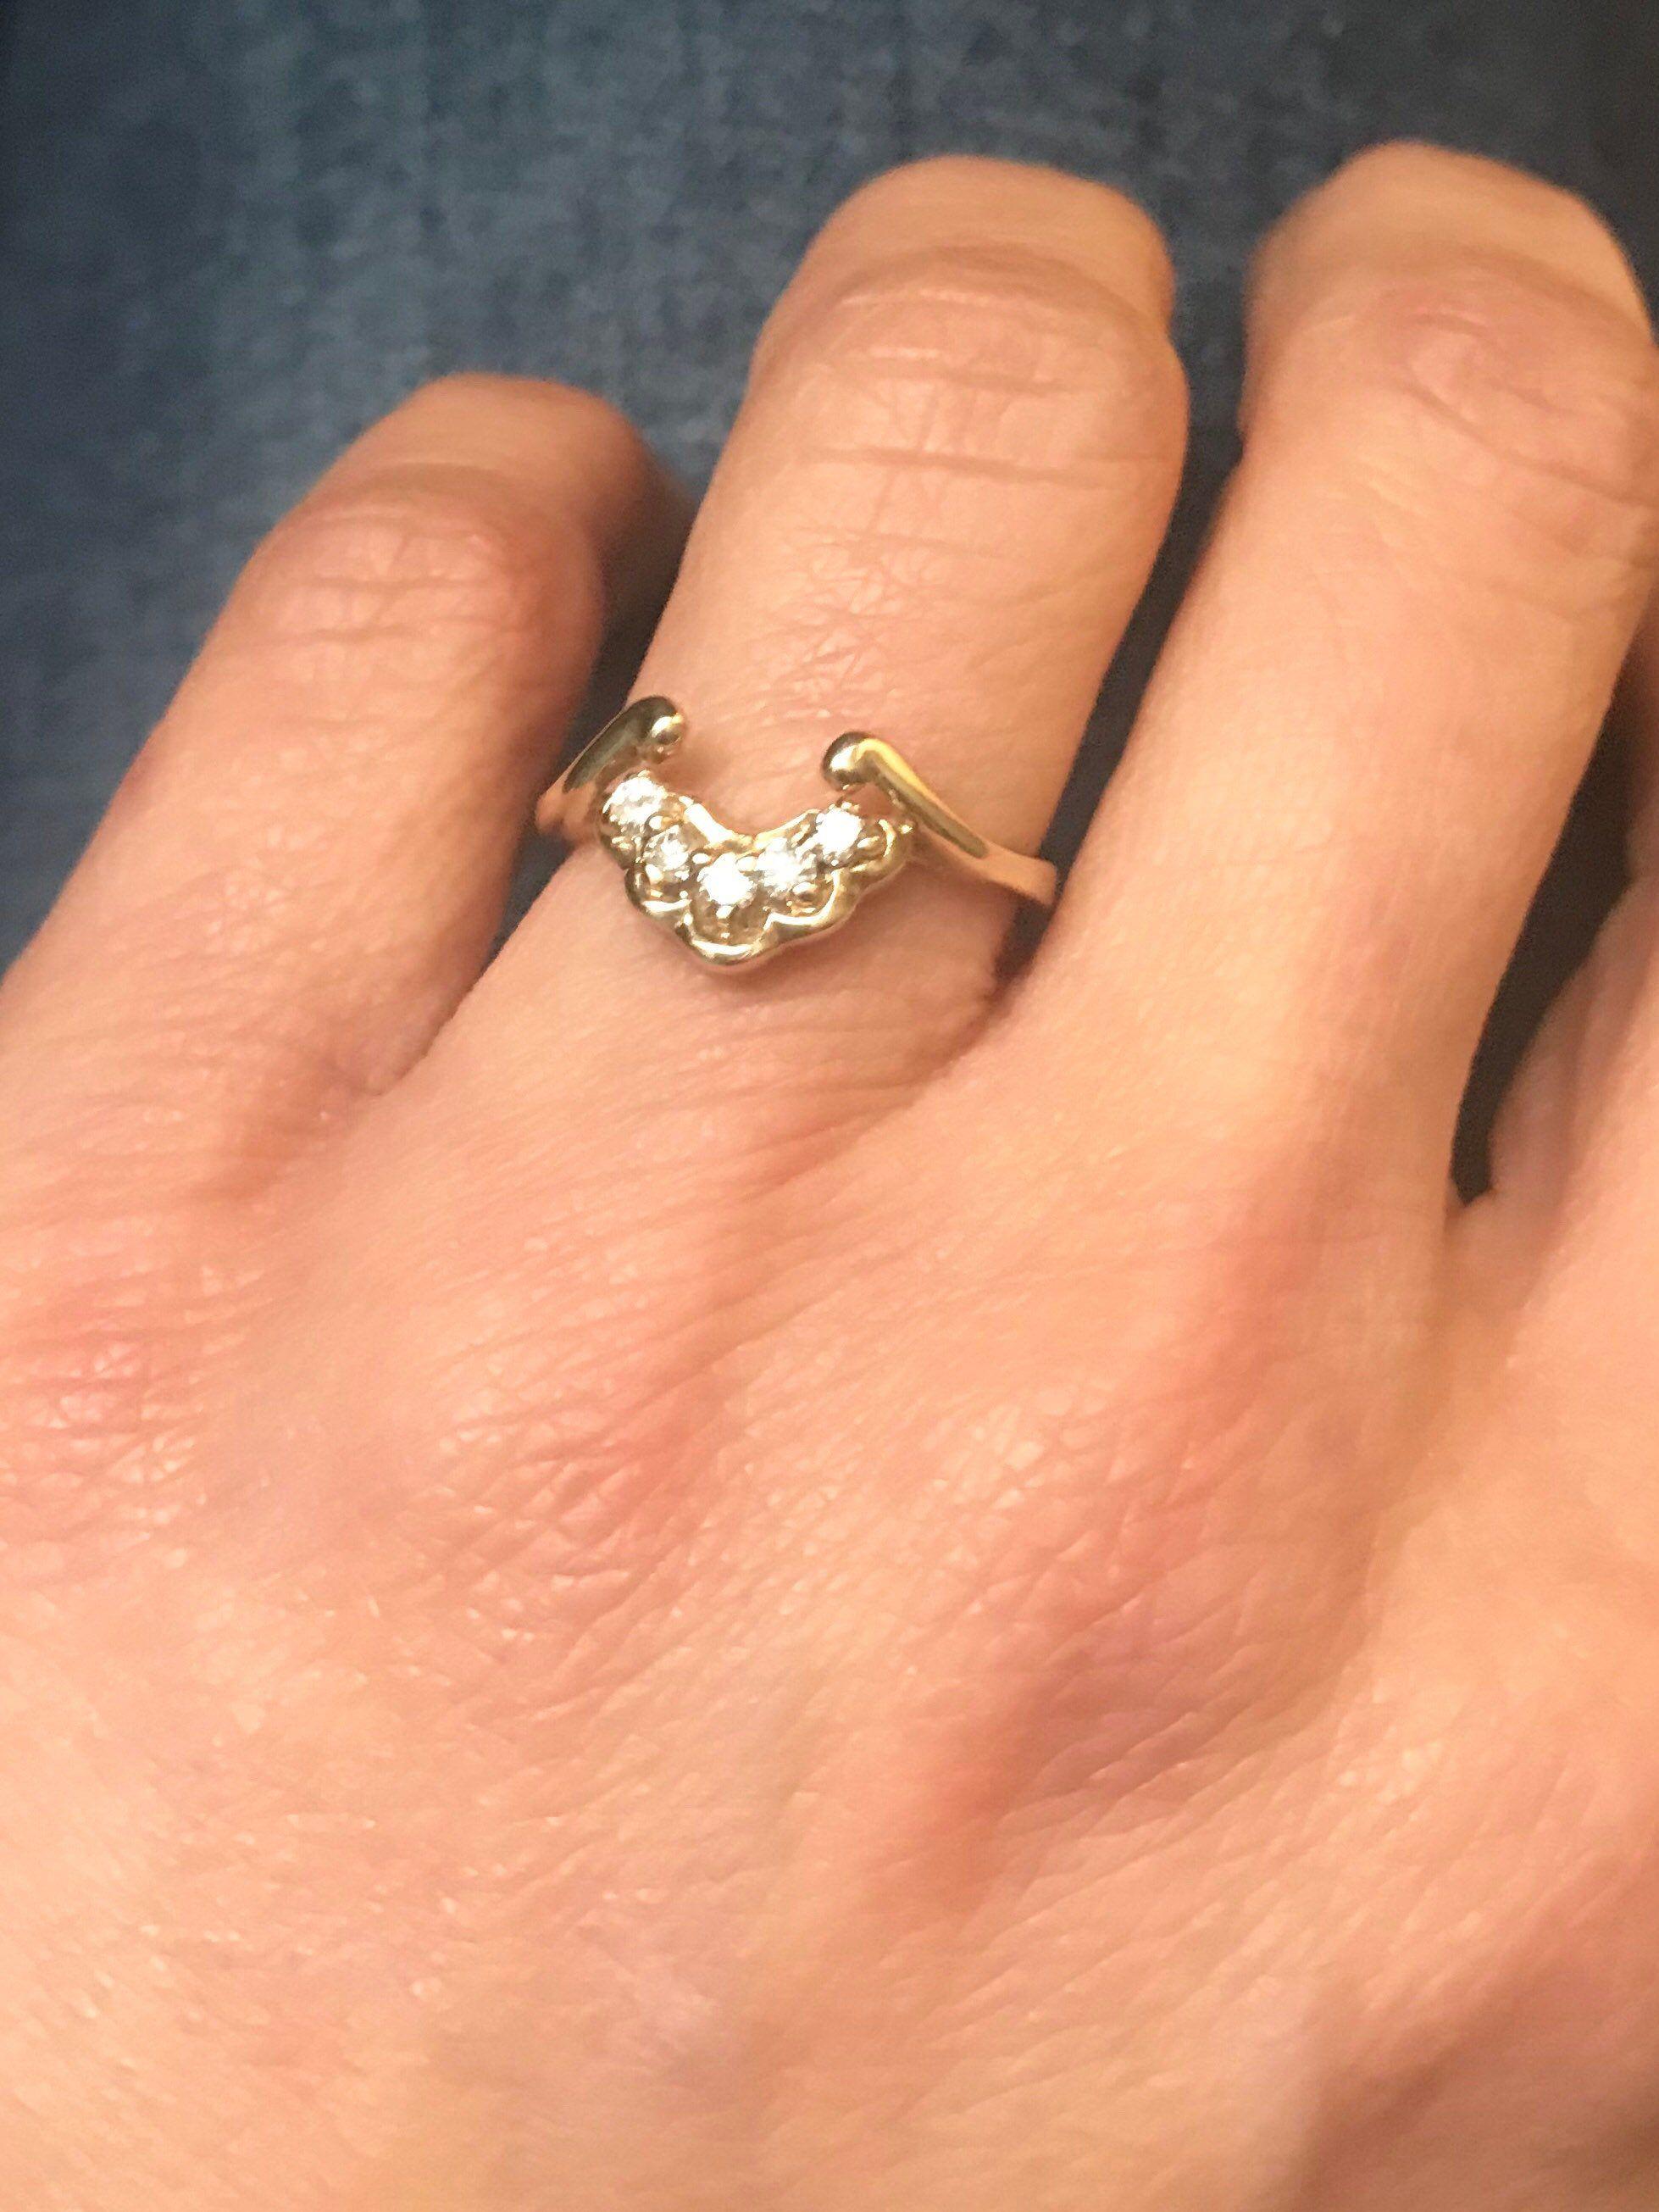 Diamond Wedding Jacket, Size 7 Engagement Ring Enhancer